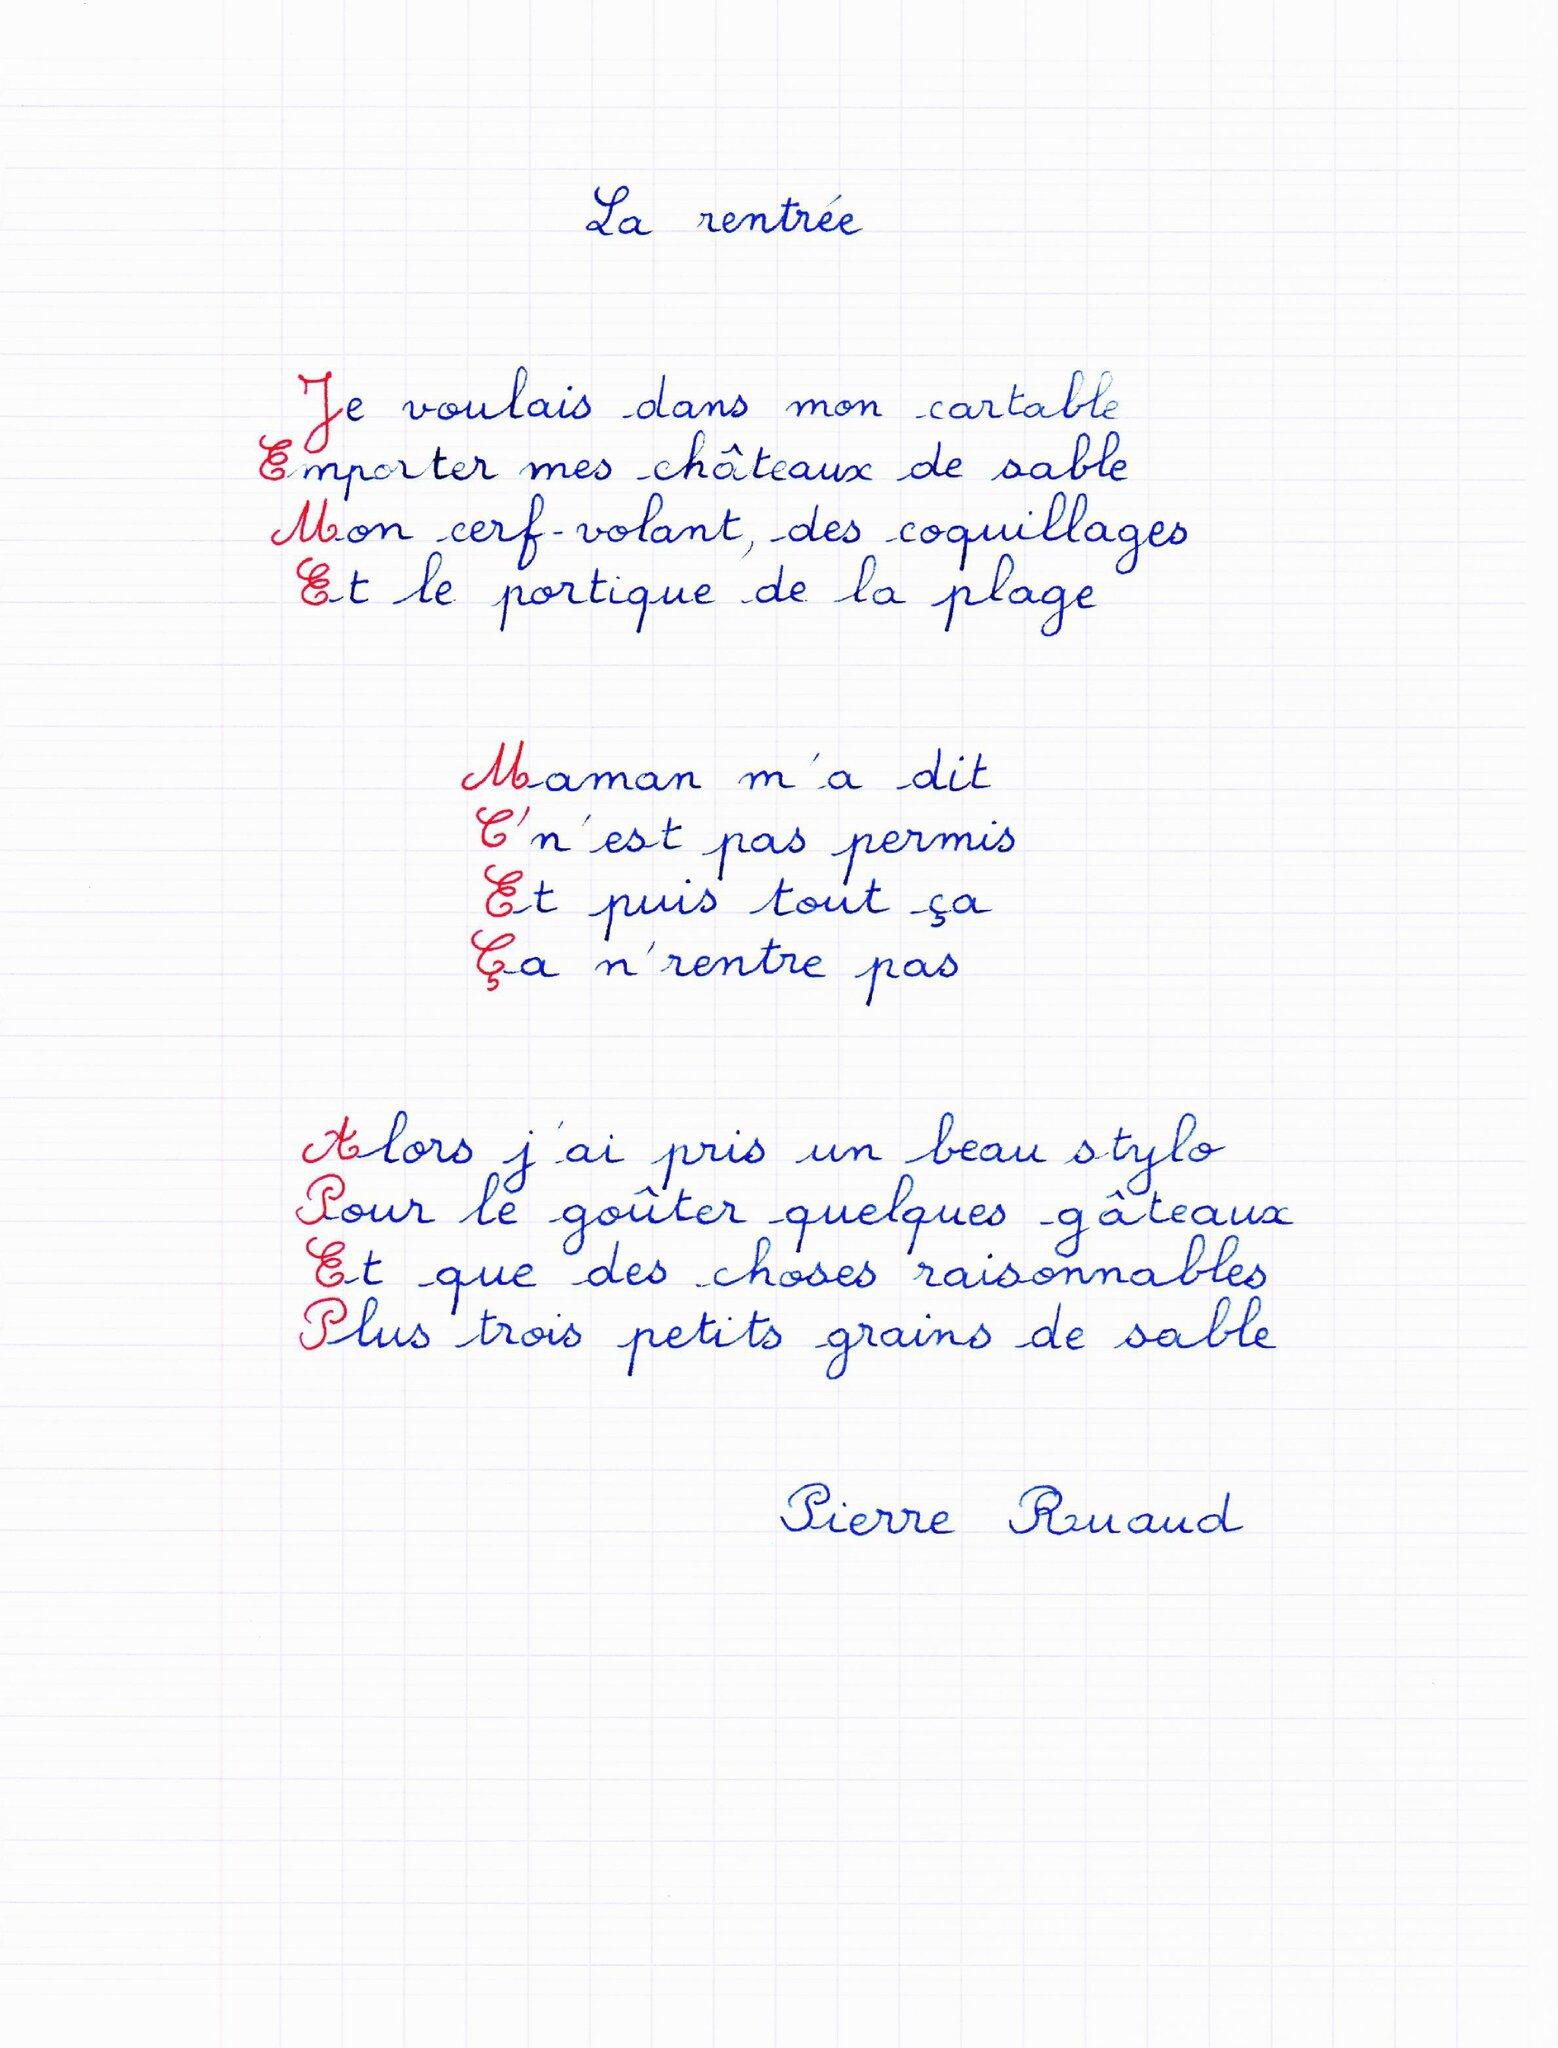 Poème De Cartable, De Stylo, De Gâteaux, De Grains De à La Rentrée De Poème